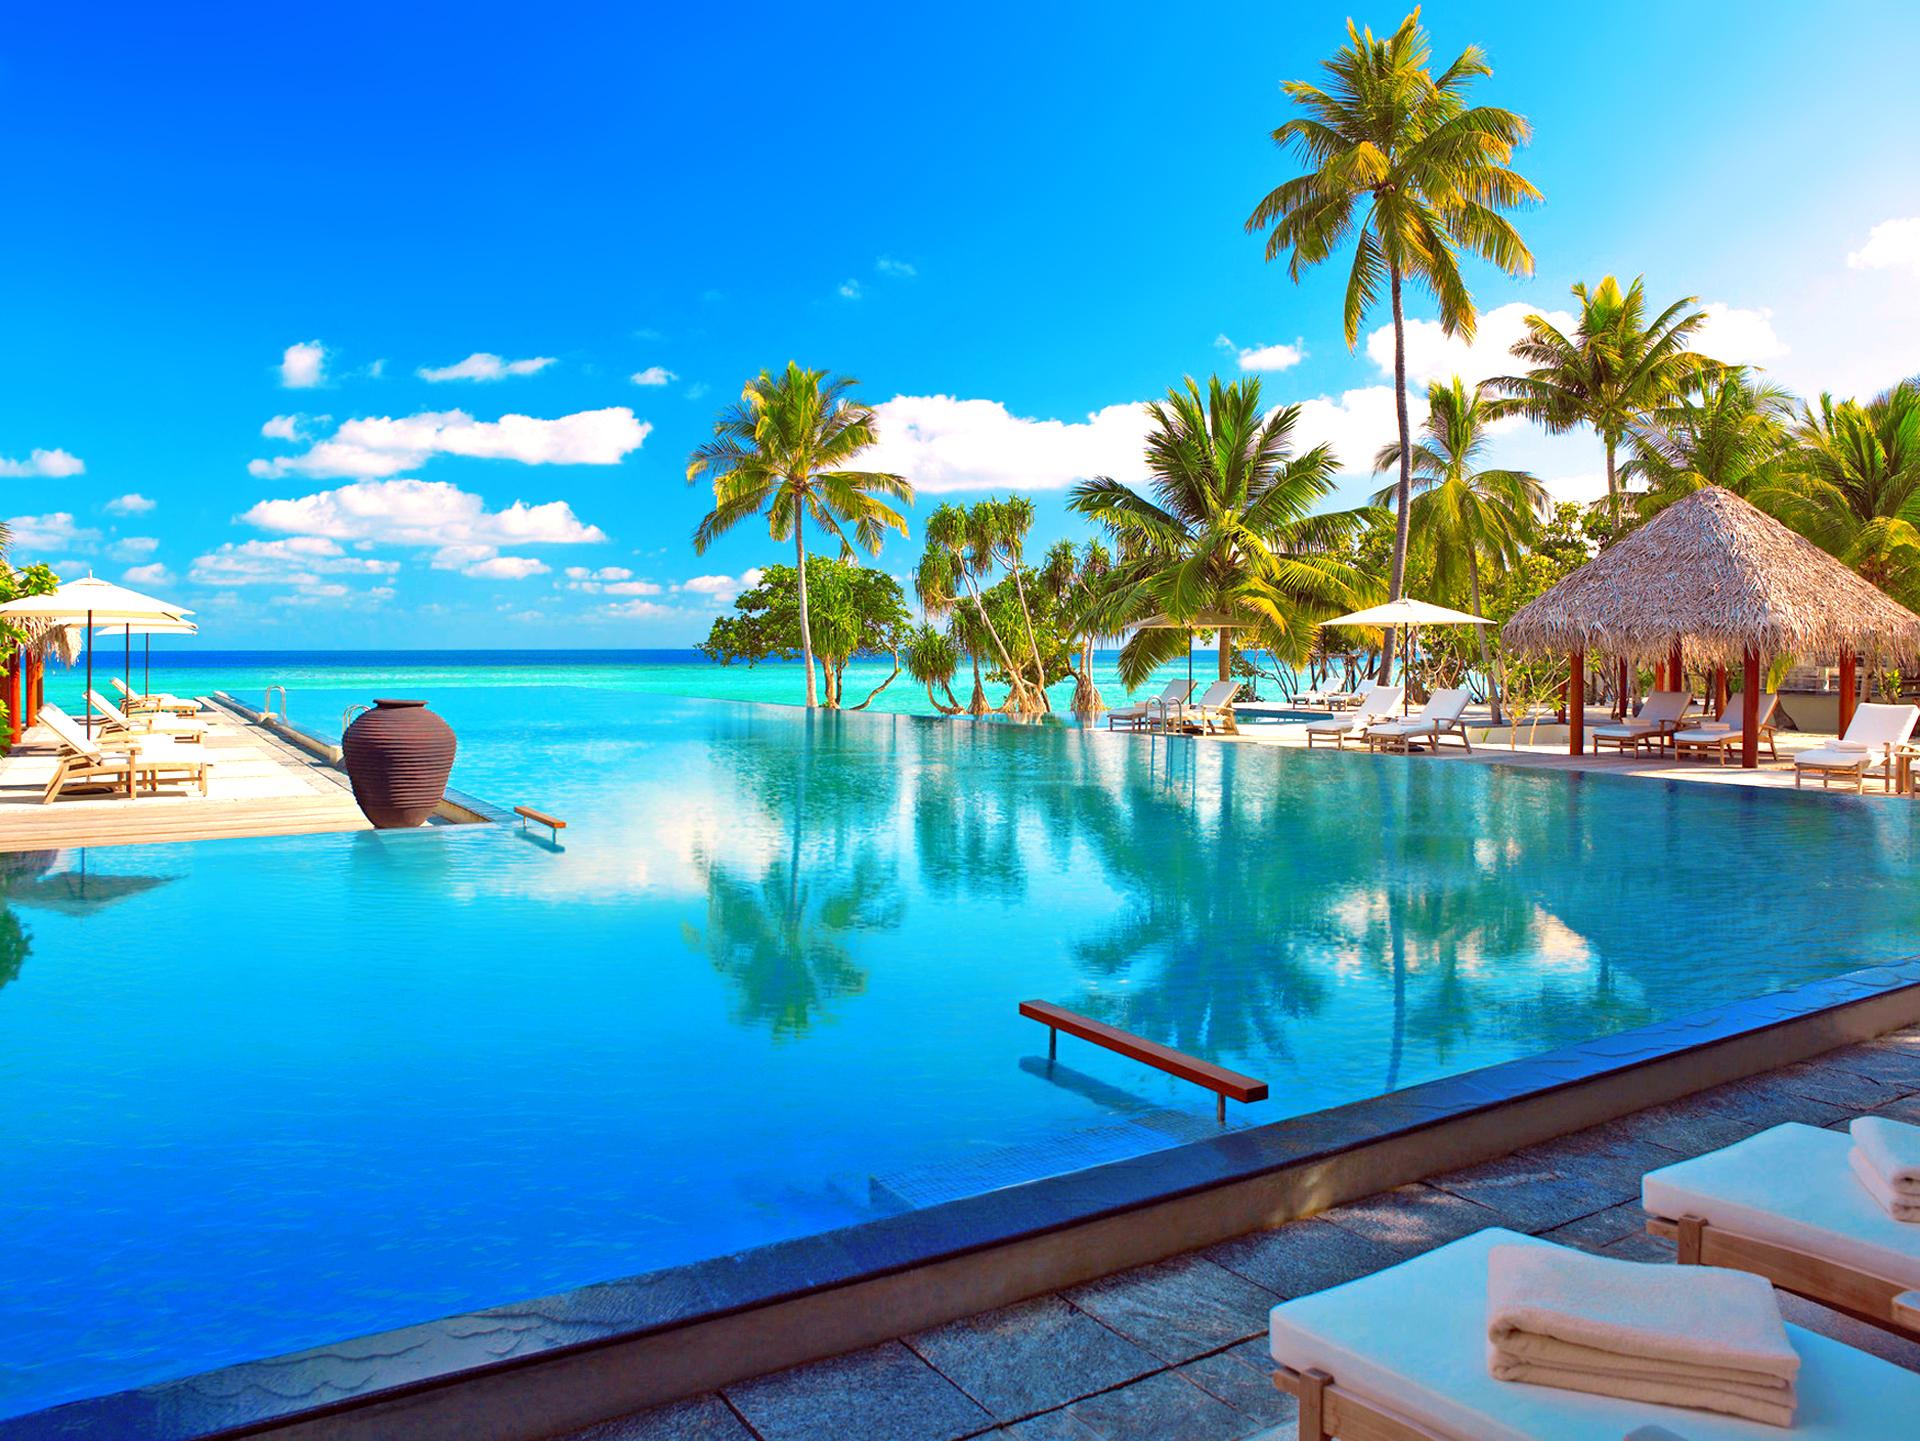 Мальдивы номера отеля отдых The Maldives the rooms the rest  № 334011  скачать